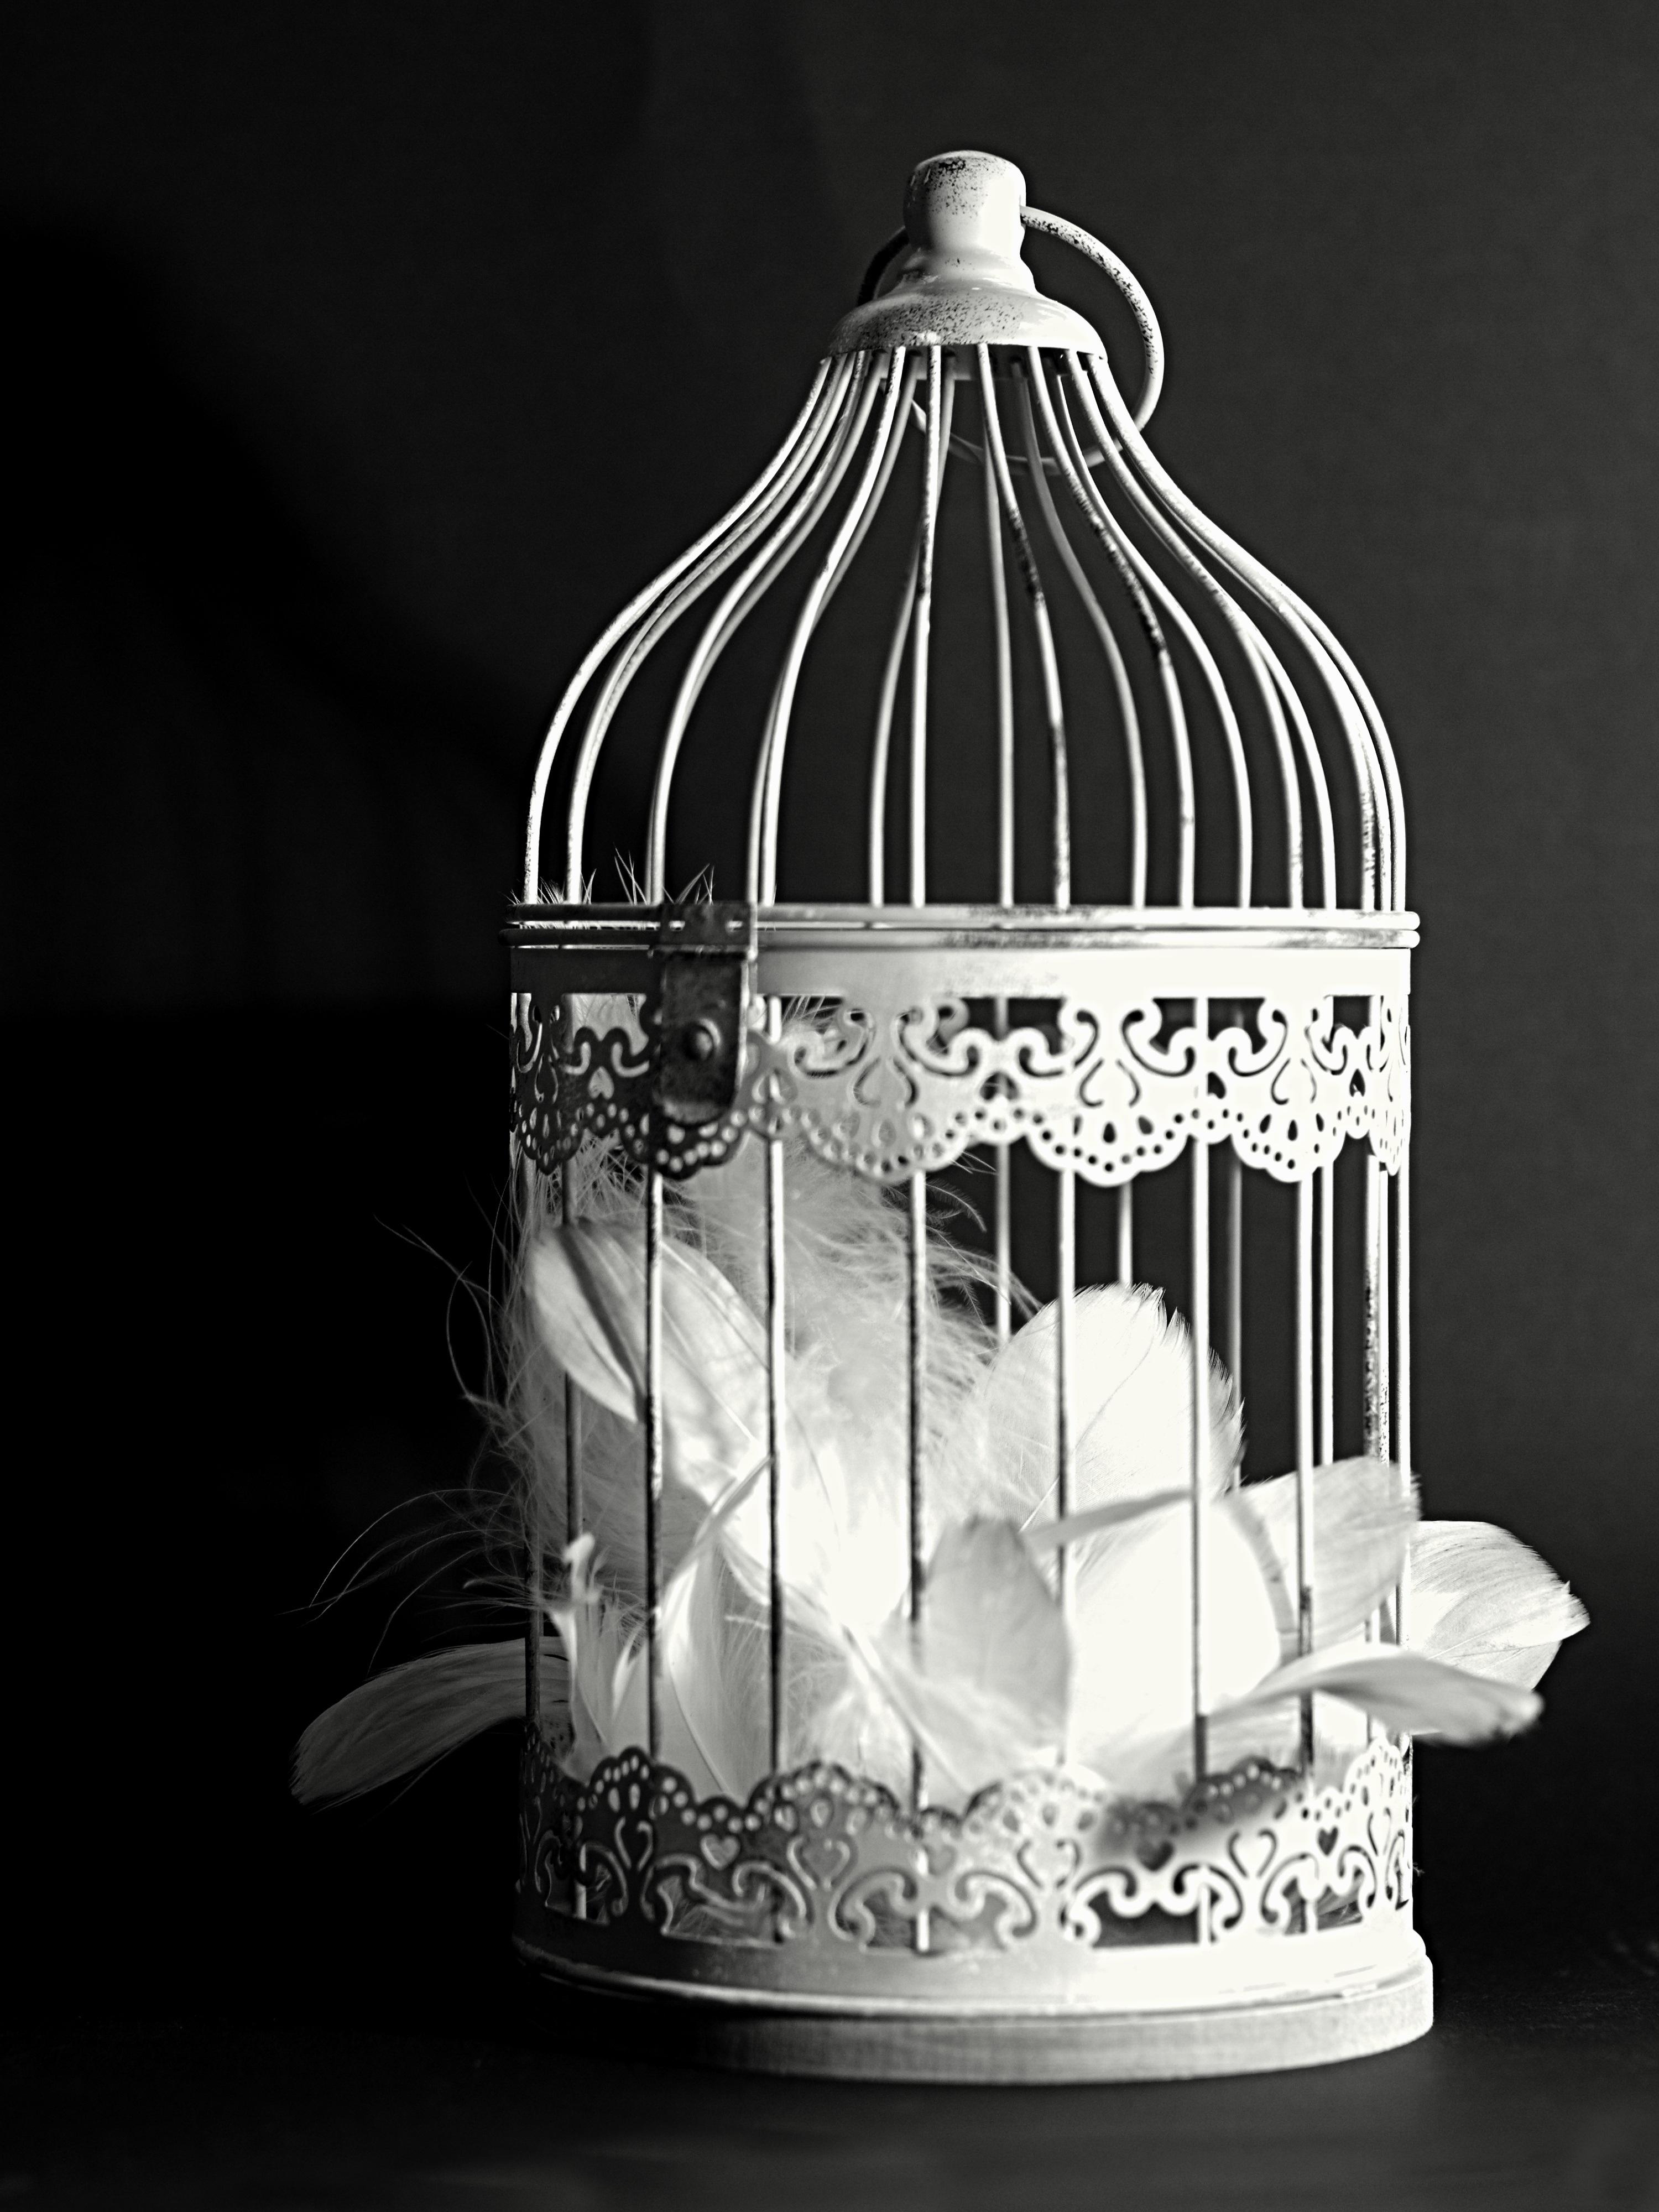 Stilig Bildet : svart og hvit, dekorasjon, lykt, lampe, belysning, fjær TW-03